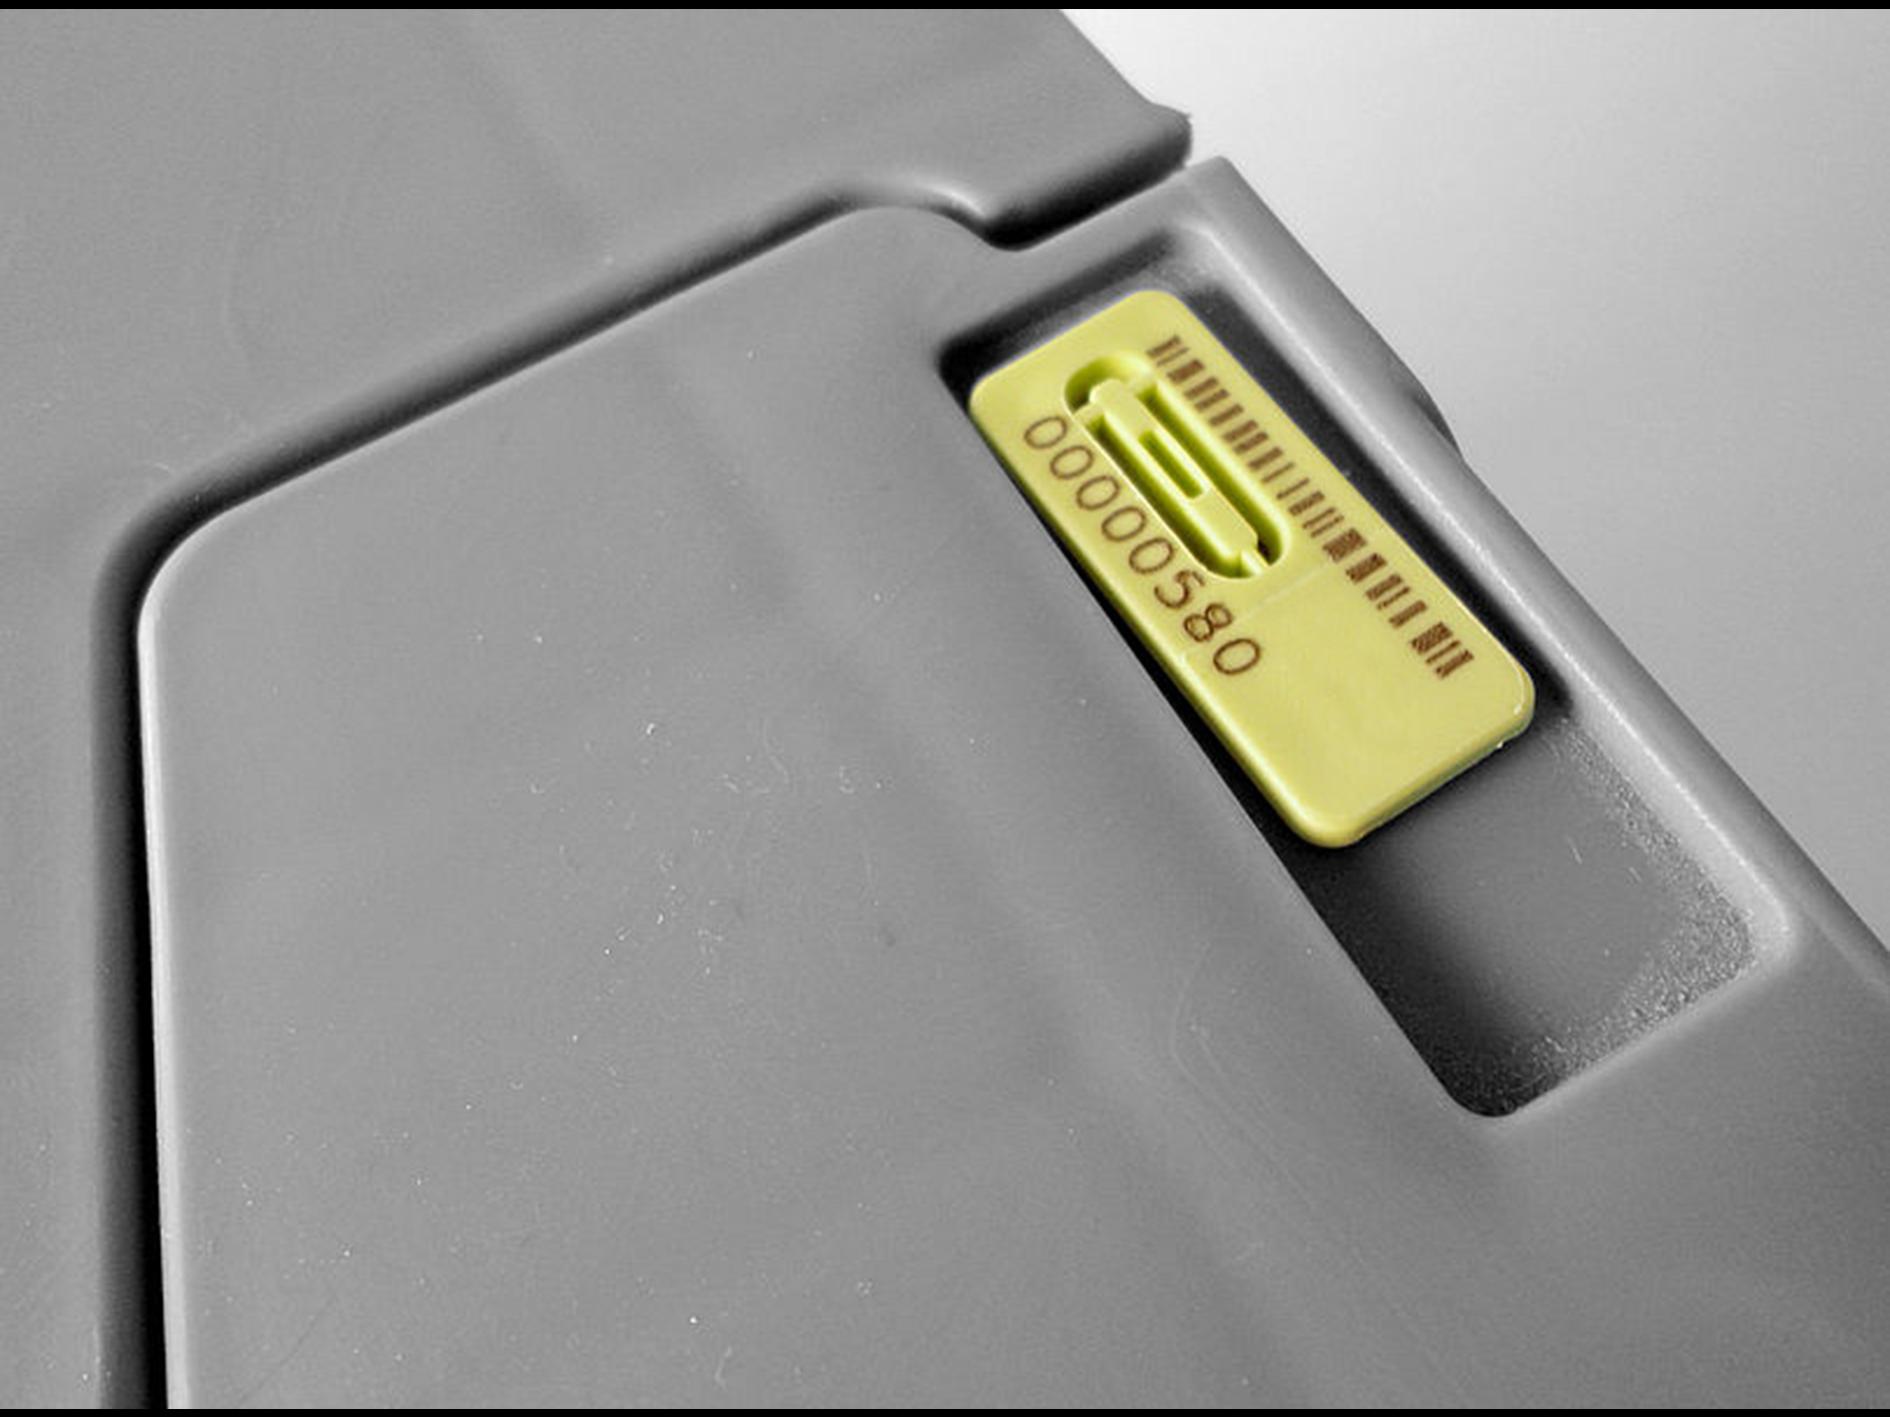 Contraload Sicherheitsplombe für Hybrid mit Personalisierung